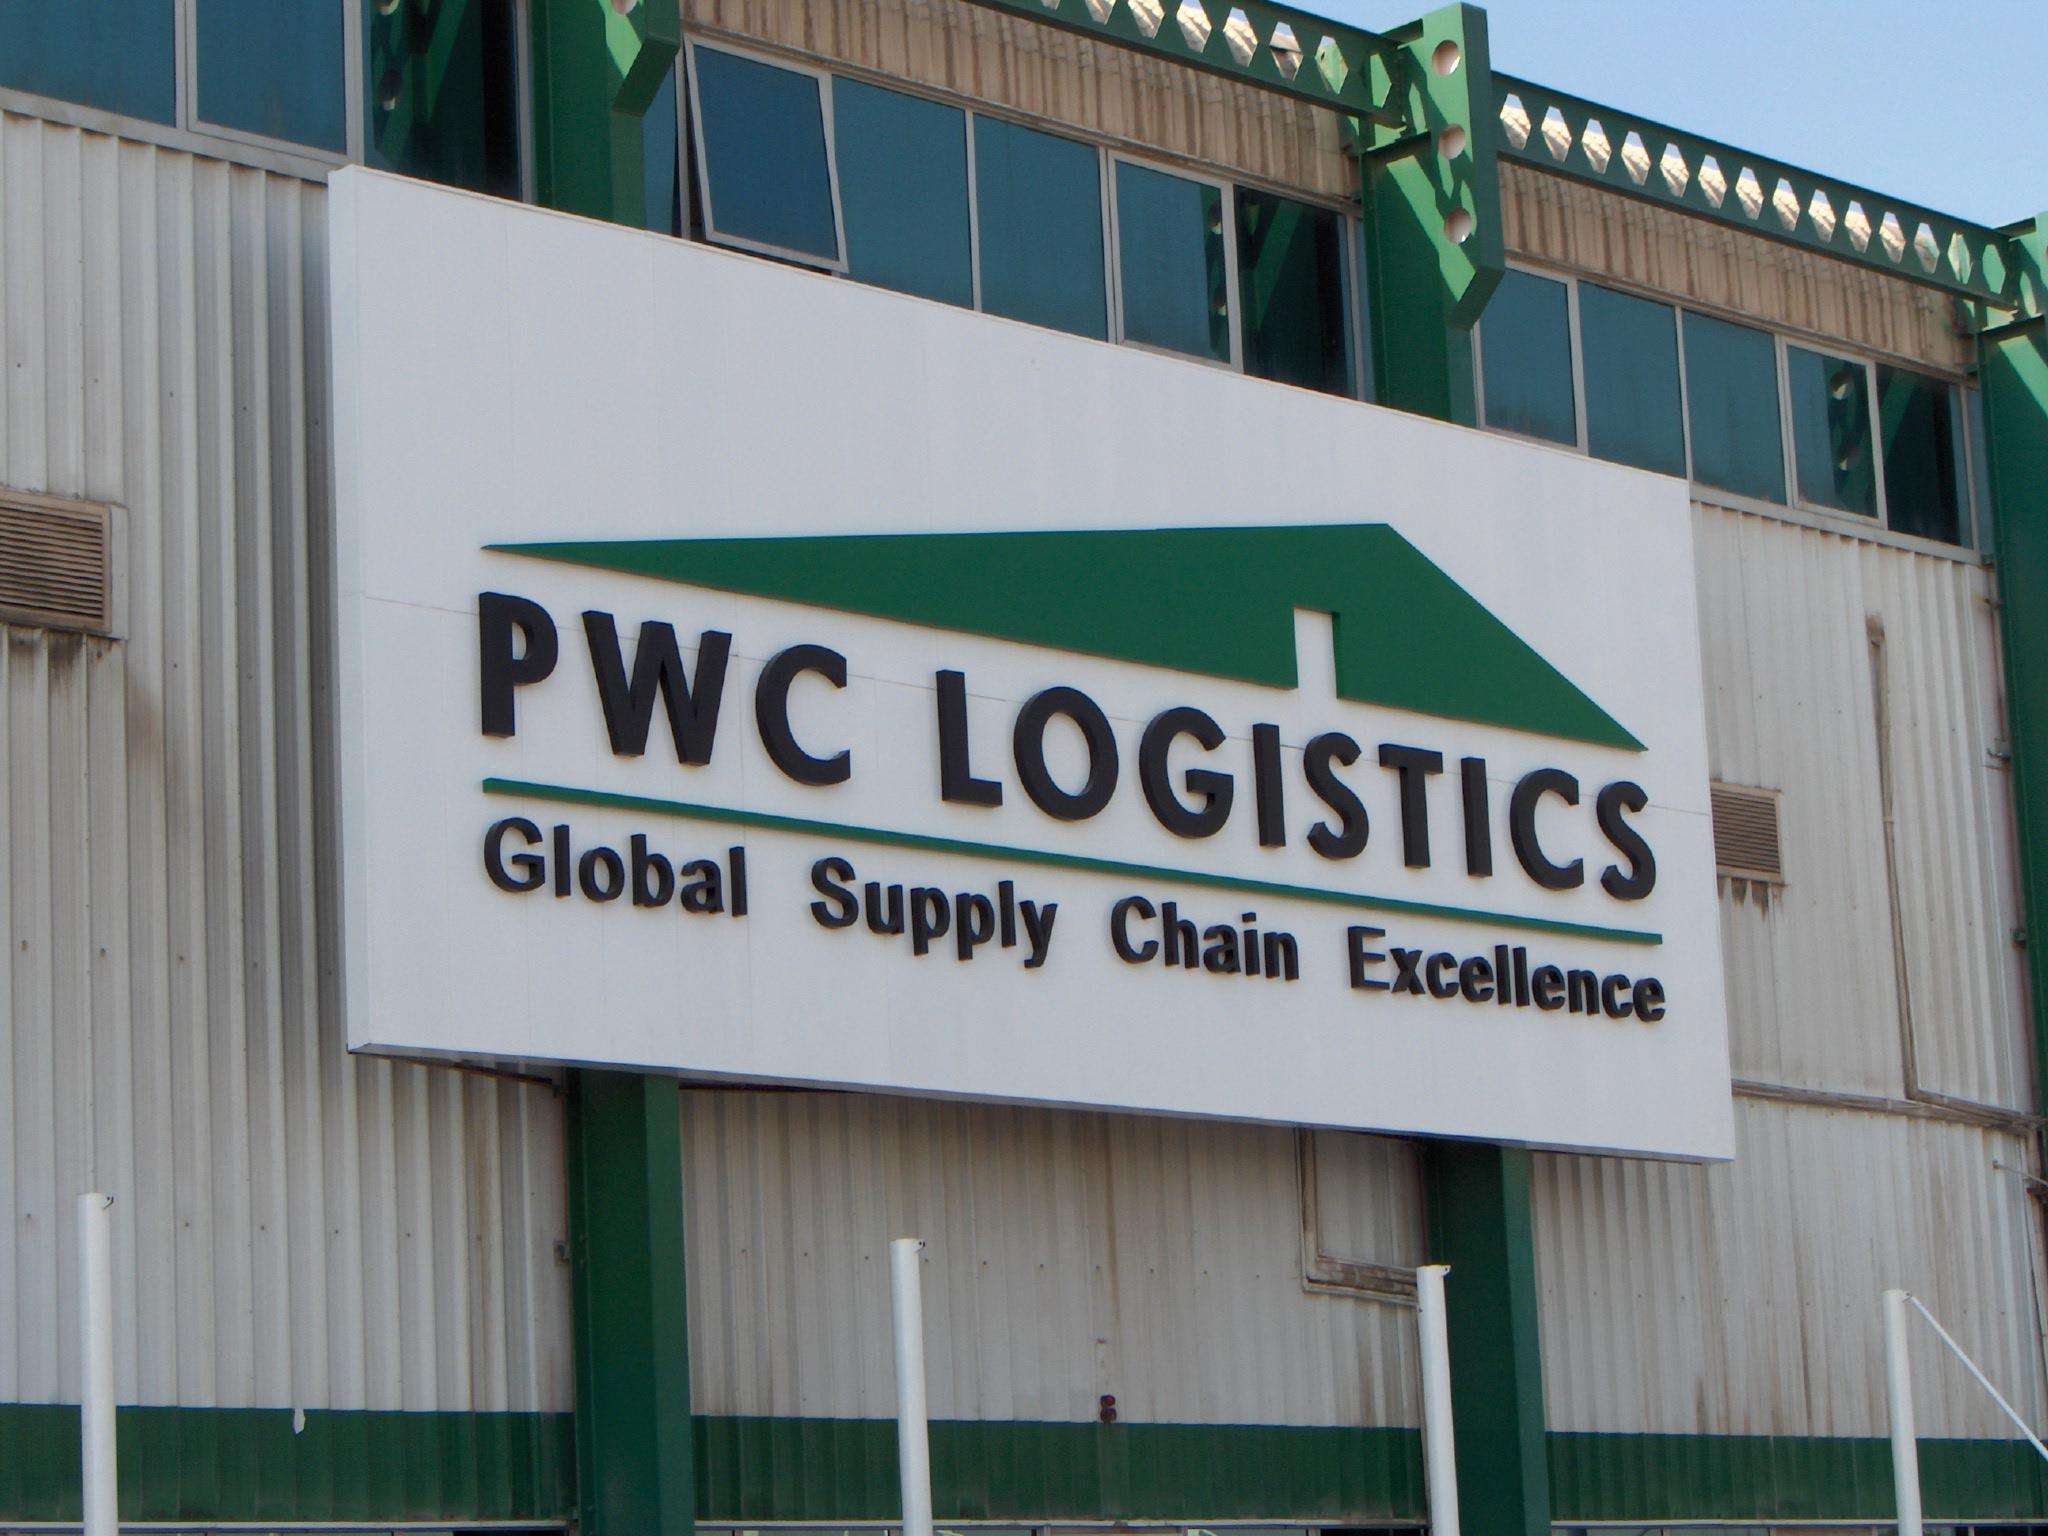 PWC Logistics